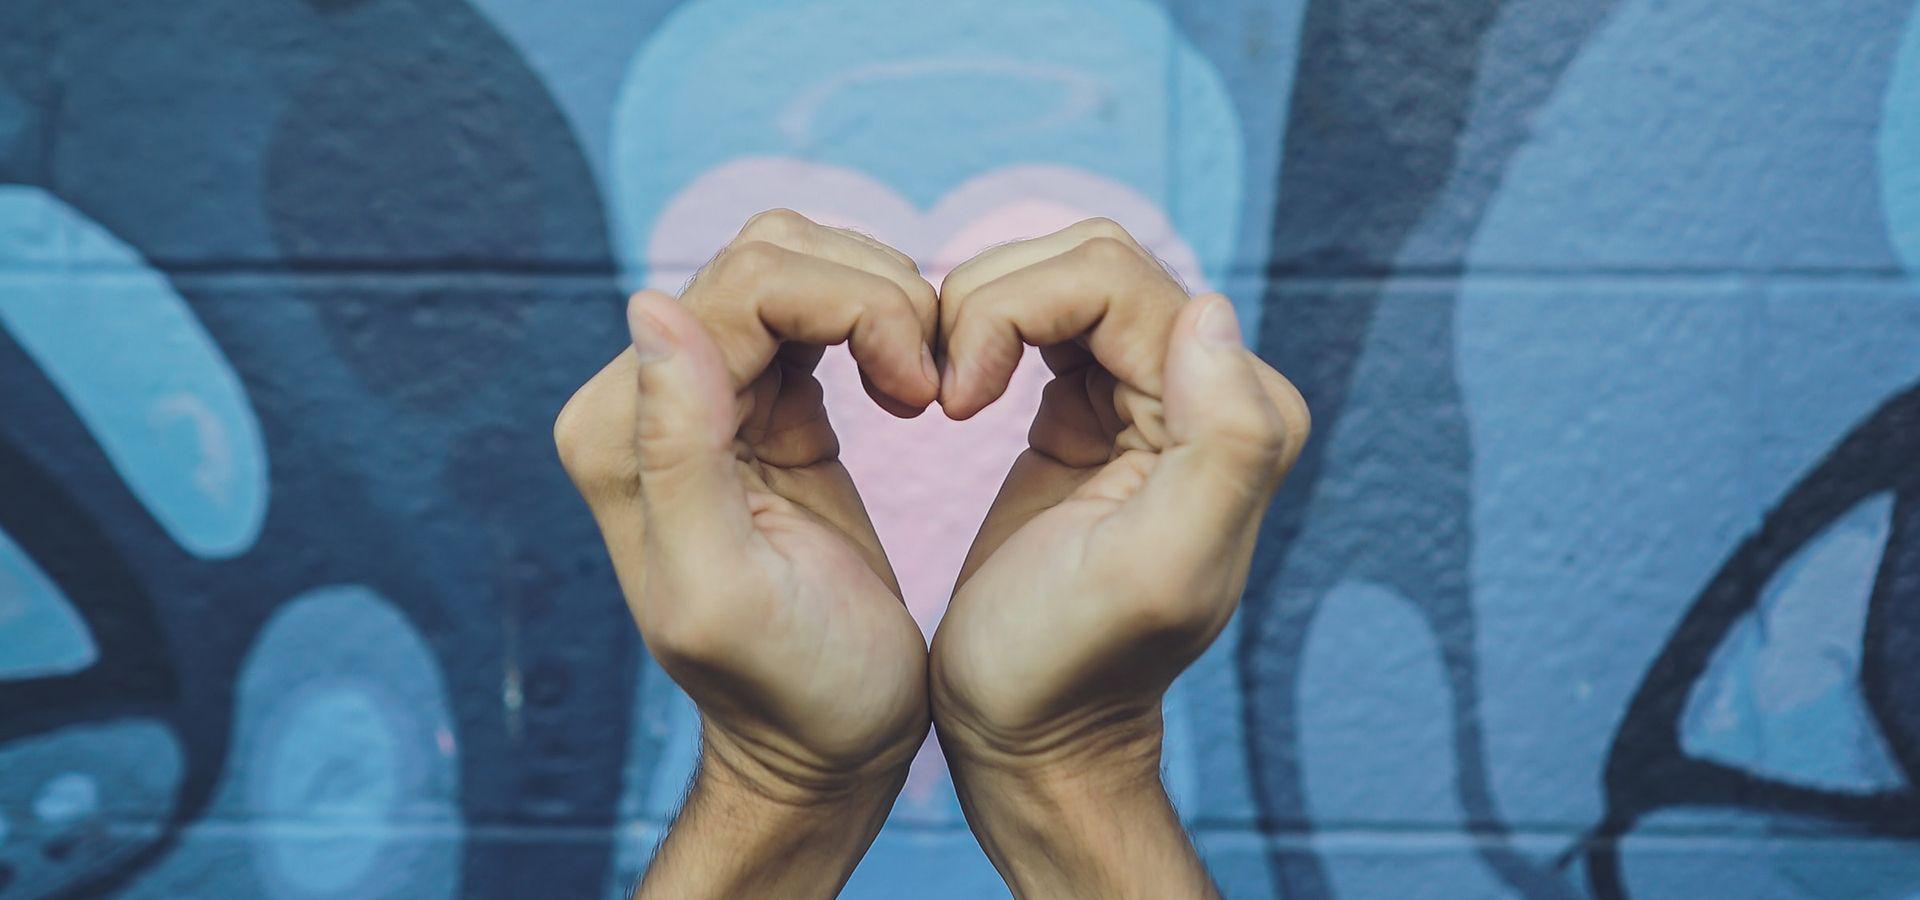 Kädet muodostavat sydämen